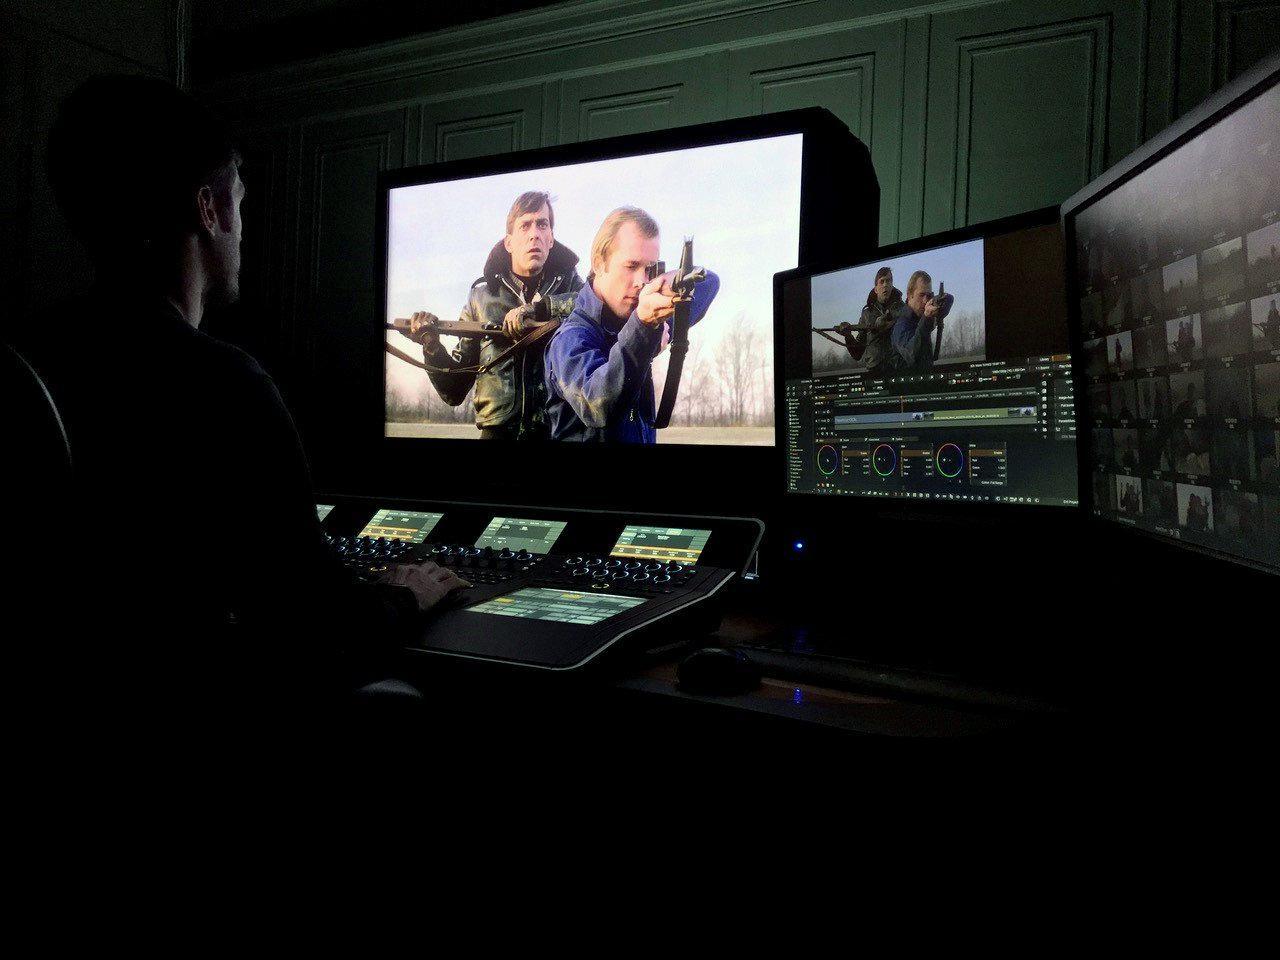 画像: Nucoda FilmMaster with Digital Vision Optics Nucoda FilmMaster(ヌコーダ フィルムマスター)は、スウェーデン/ストックホルムに本社を置くDigital Vision社のノンリニアカラーグレーディングシステムの最上位機種。オプションとして画像処理ソフトウェアDigital Vision Optics(DVO)を追加できる